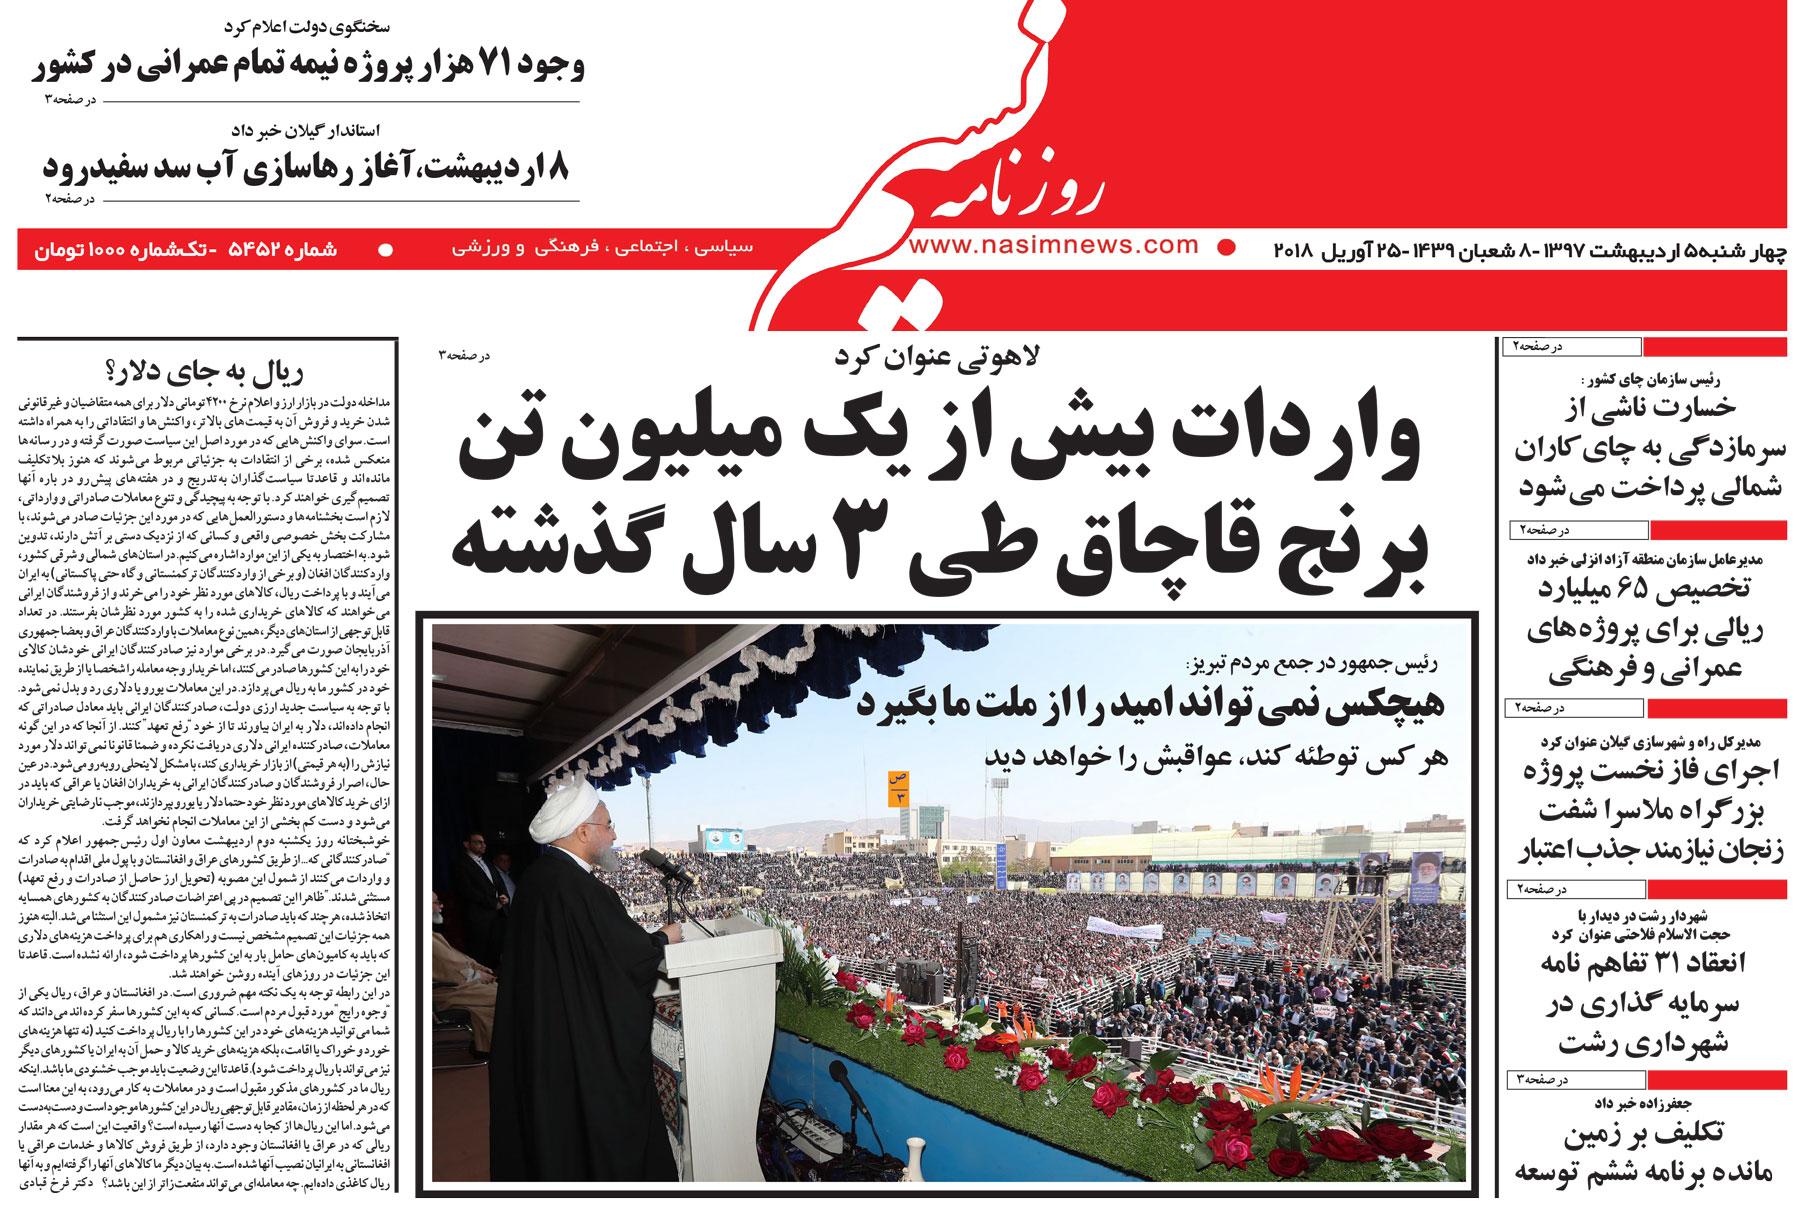 نیم صفحه اول روزنامه های گیلان 5 اردیبهشت